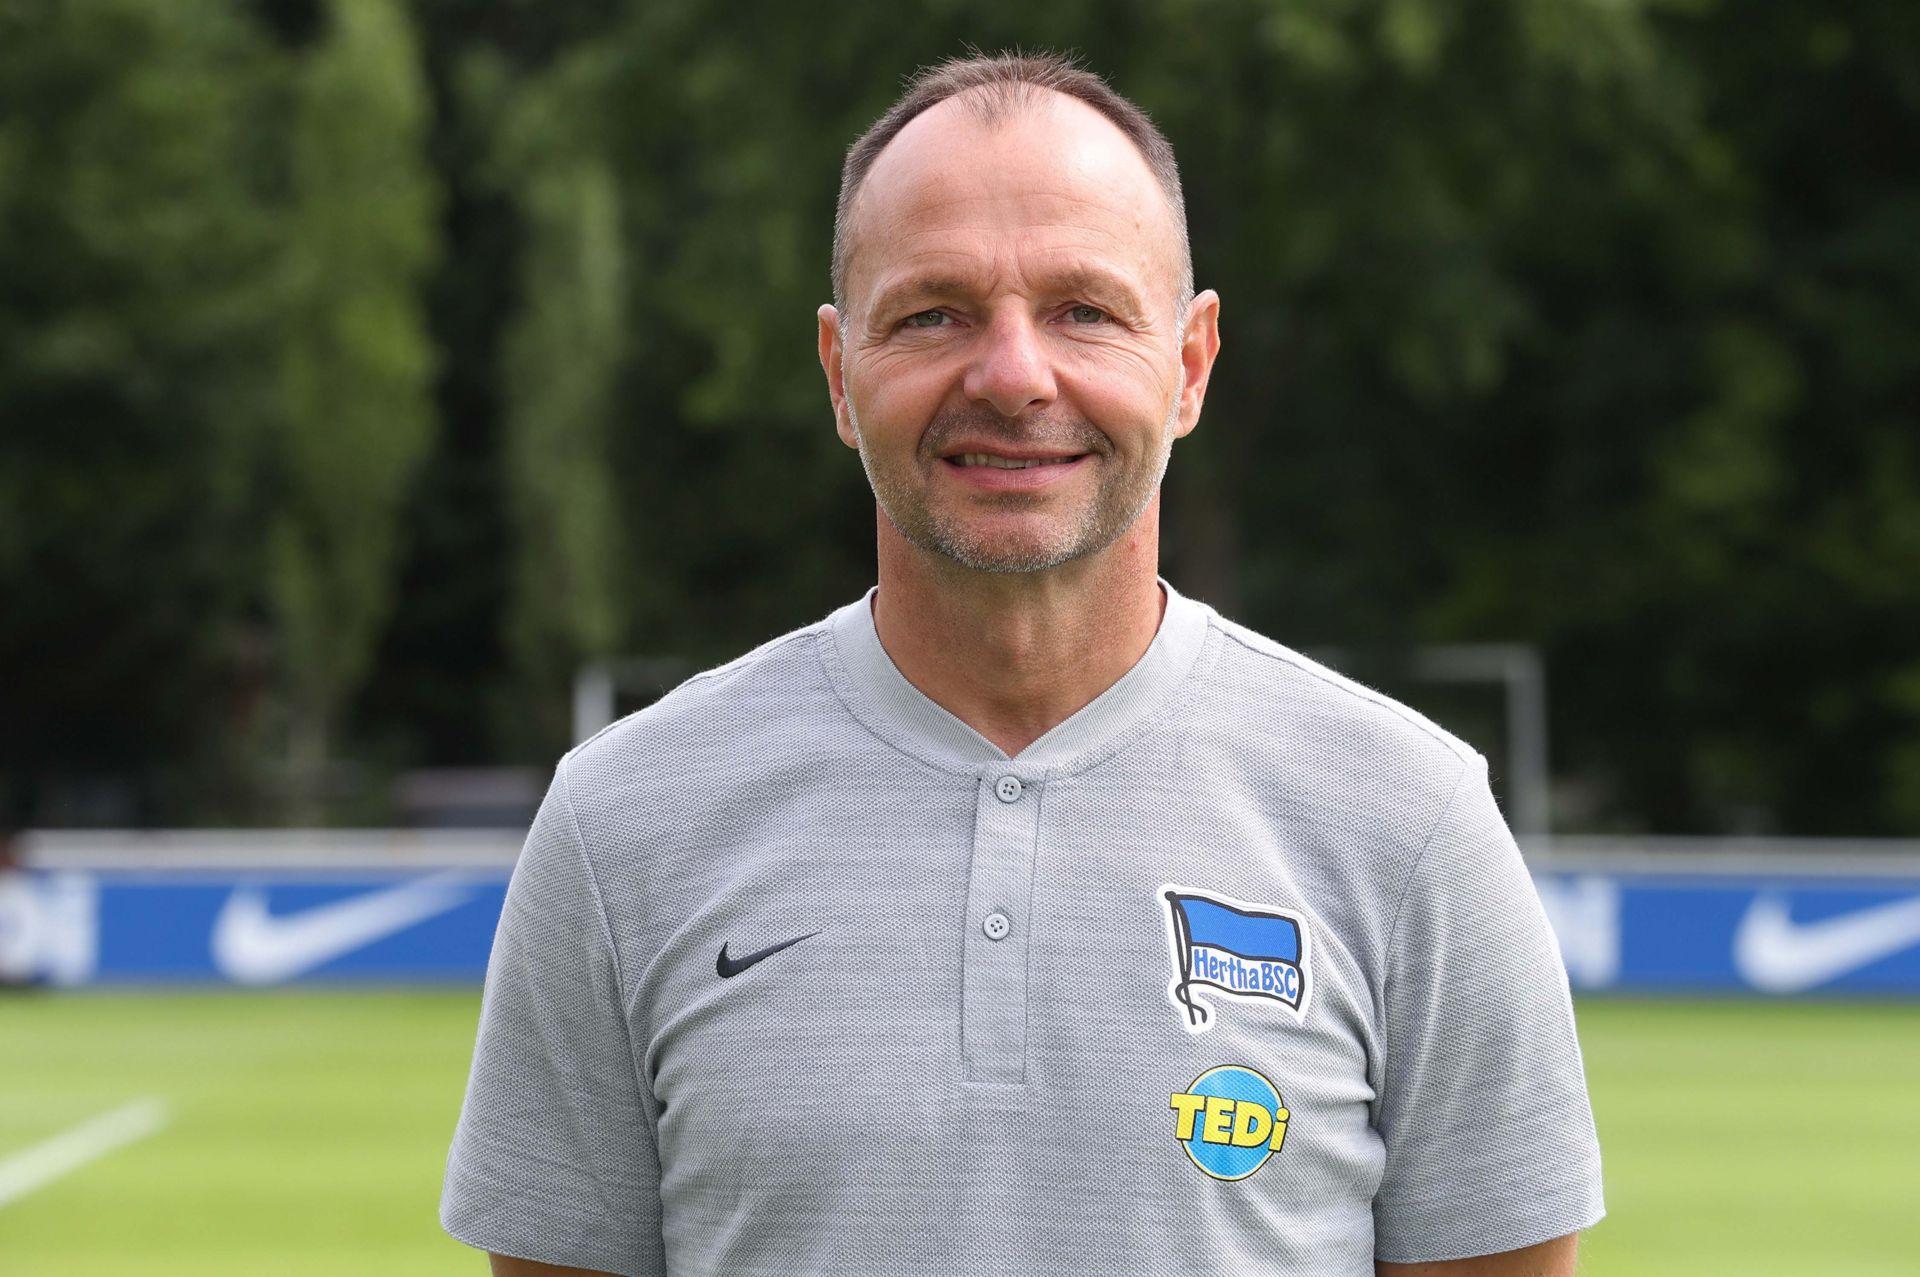 Hertha Berlin sa thải huấn luyện viên vì chống đồng tính, bài ngoại